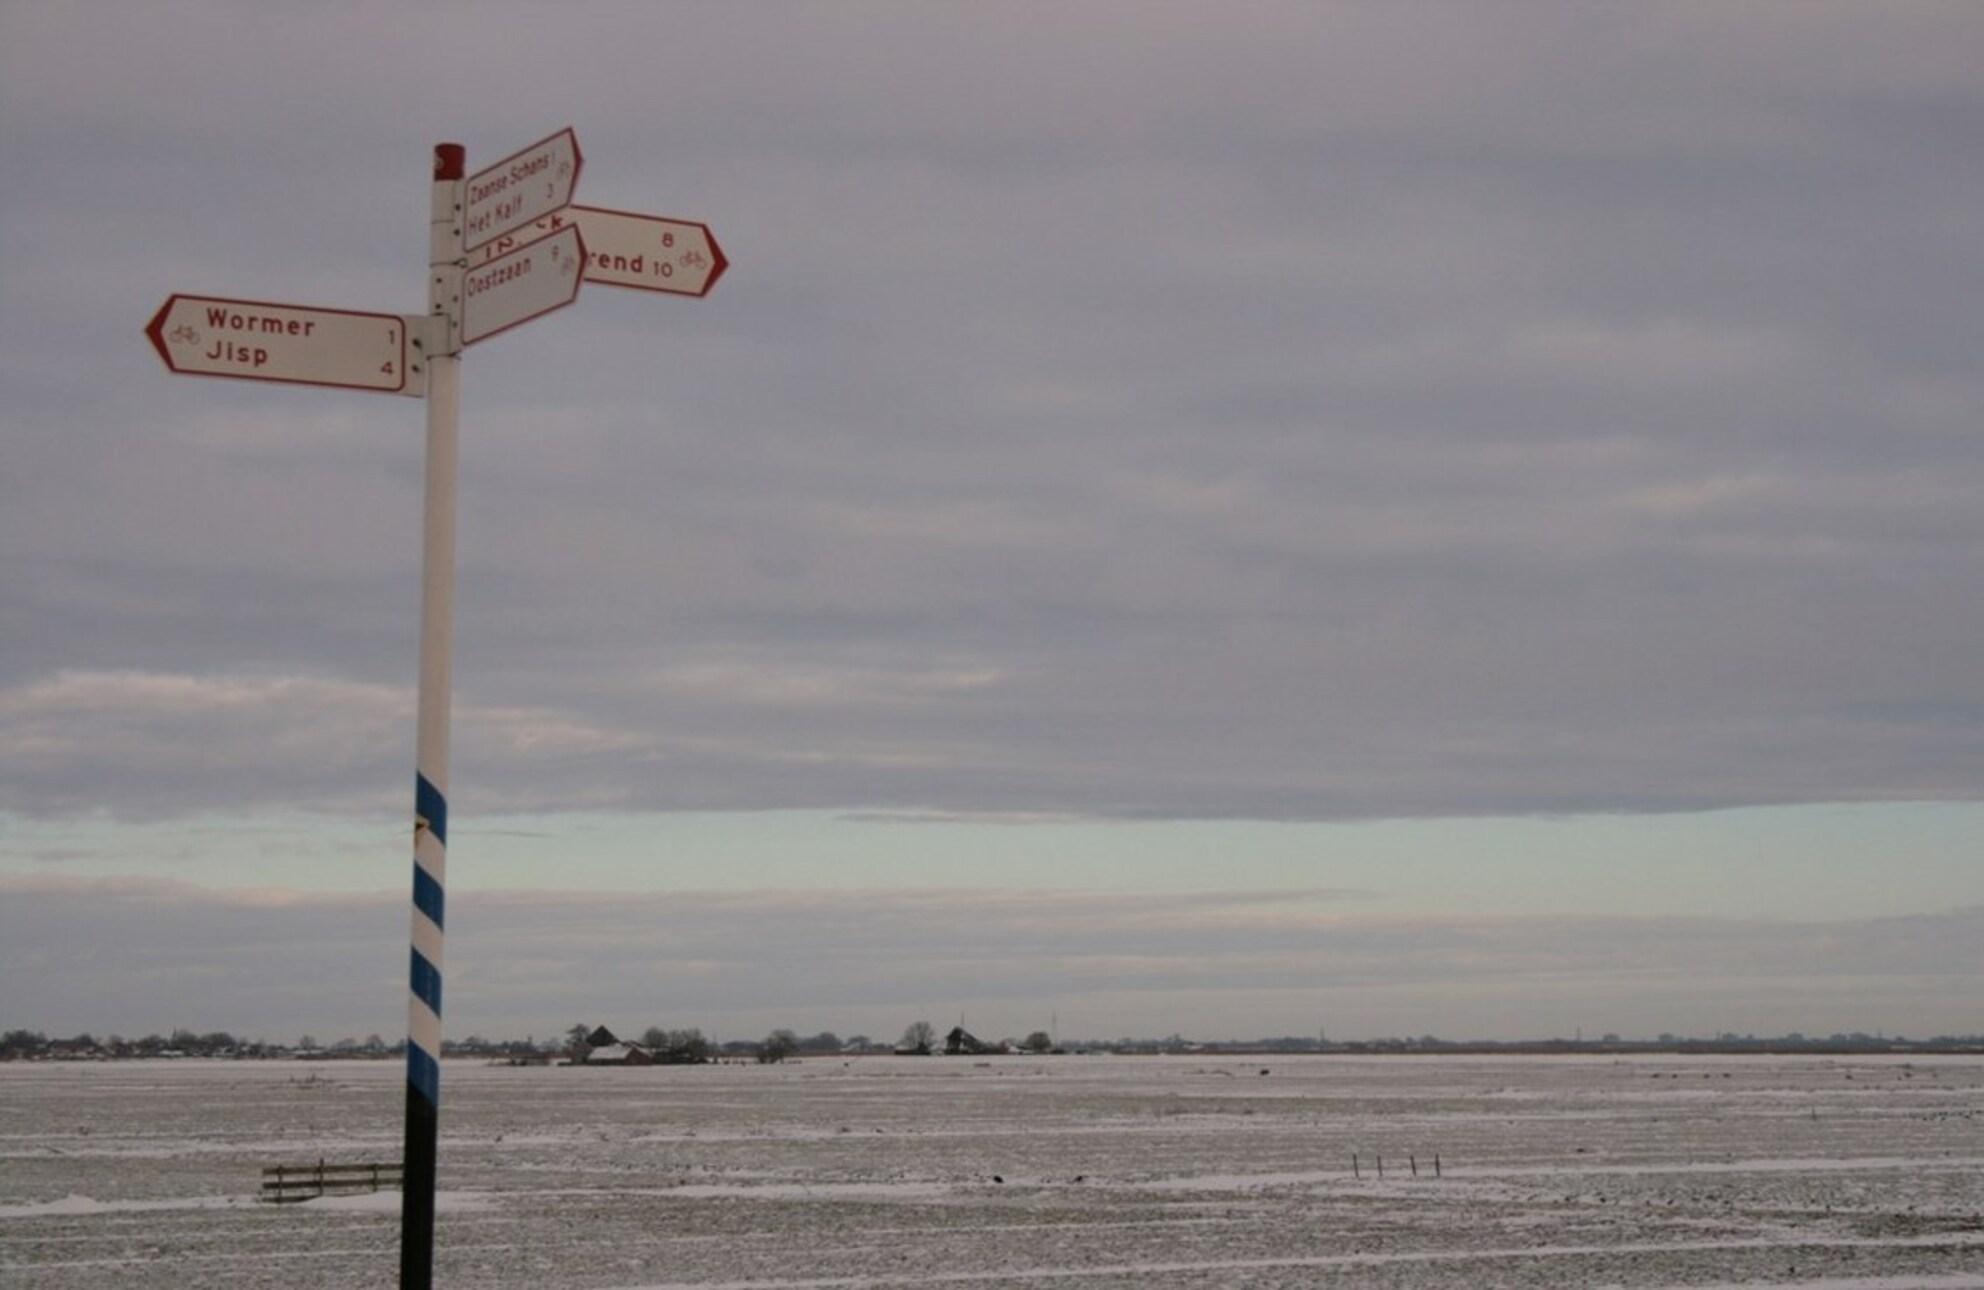 Enge Wormer in de Winter - Aan 't einde van de Zaanse Schans kom je uit in de Enge Wormer, waar altijd een weldadige rust heerst. - foto door Ambersan op 29-12-2010 - deze foto bevat: zaanstreek